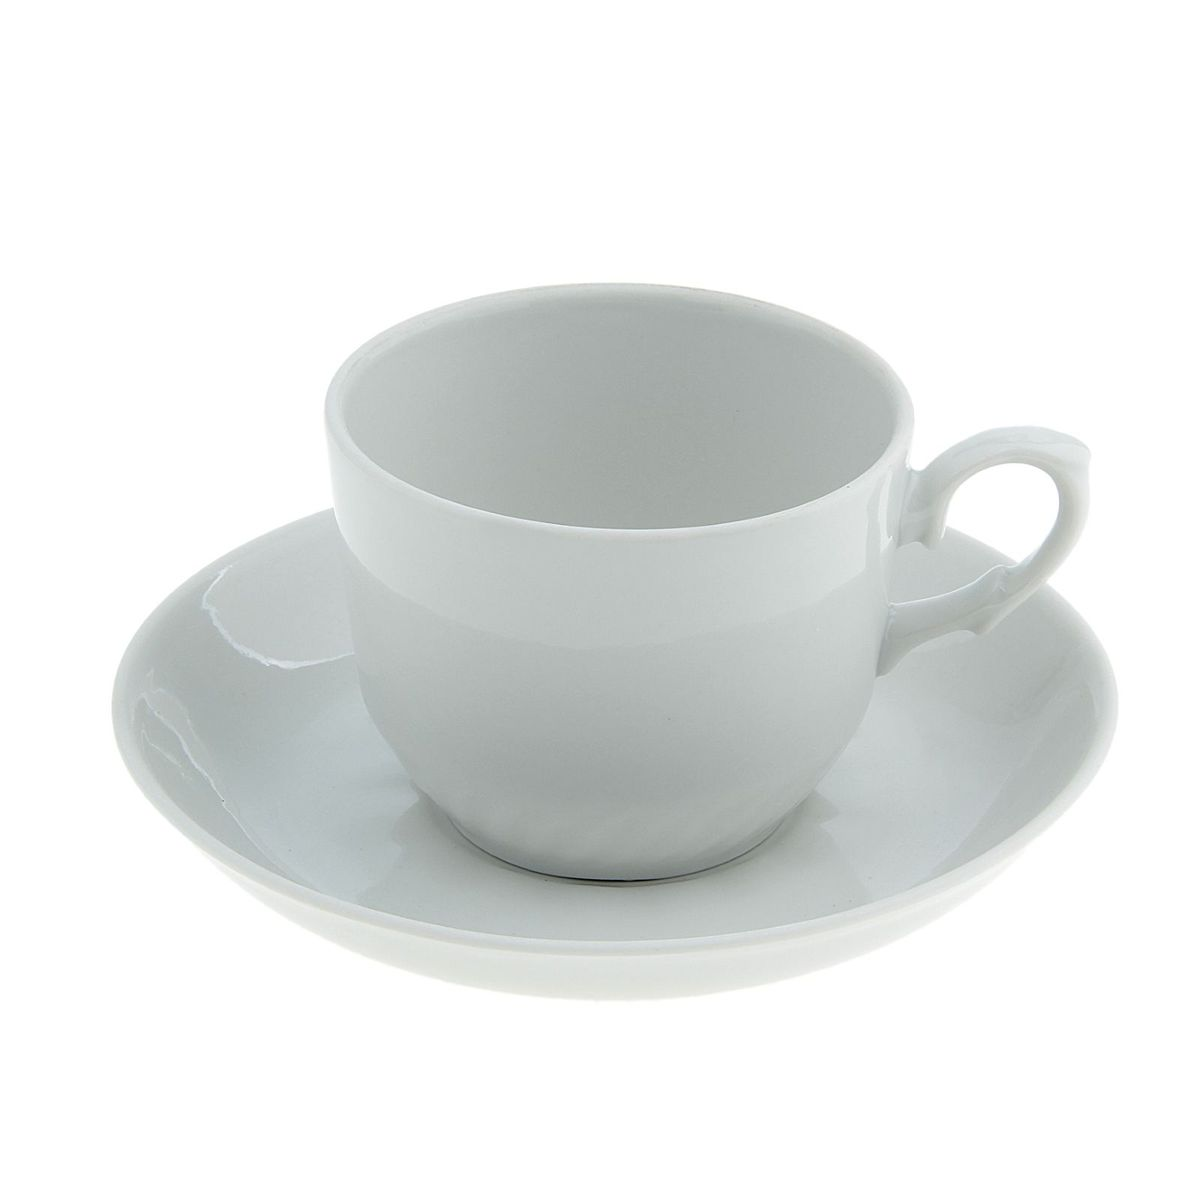 Чайная пара Кирмаш. Белье, 2 предмета чайная пара кирмаш белье 2 предмета